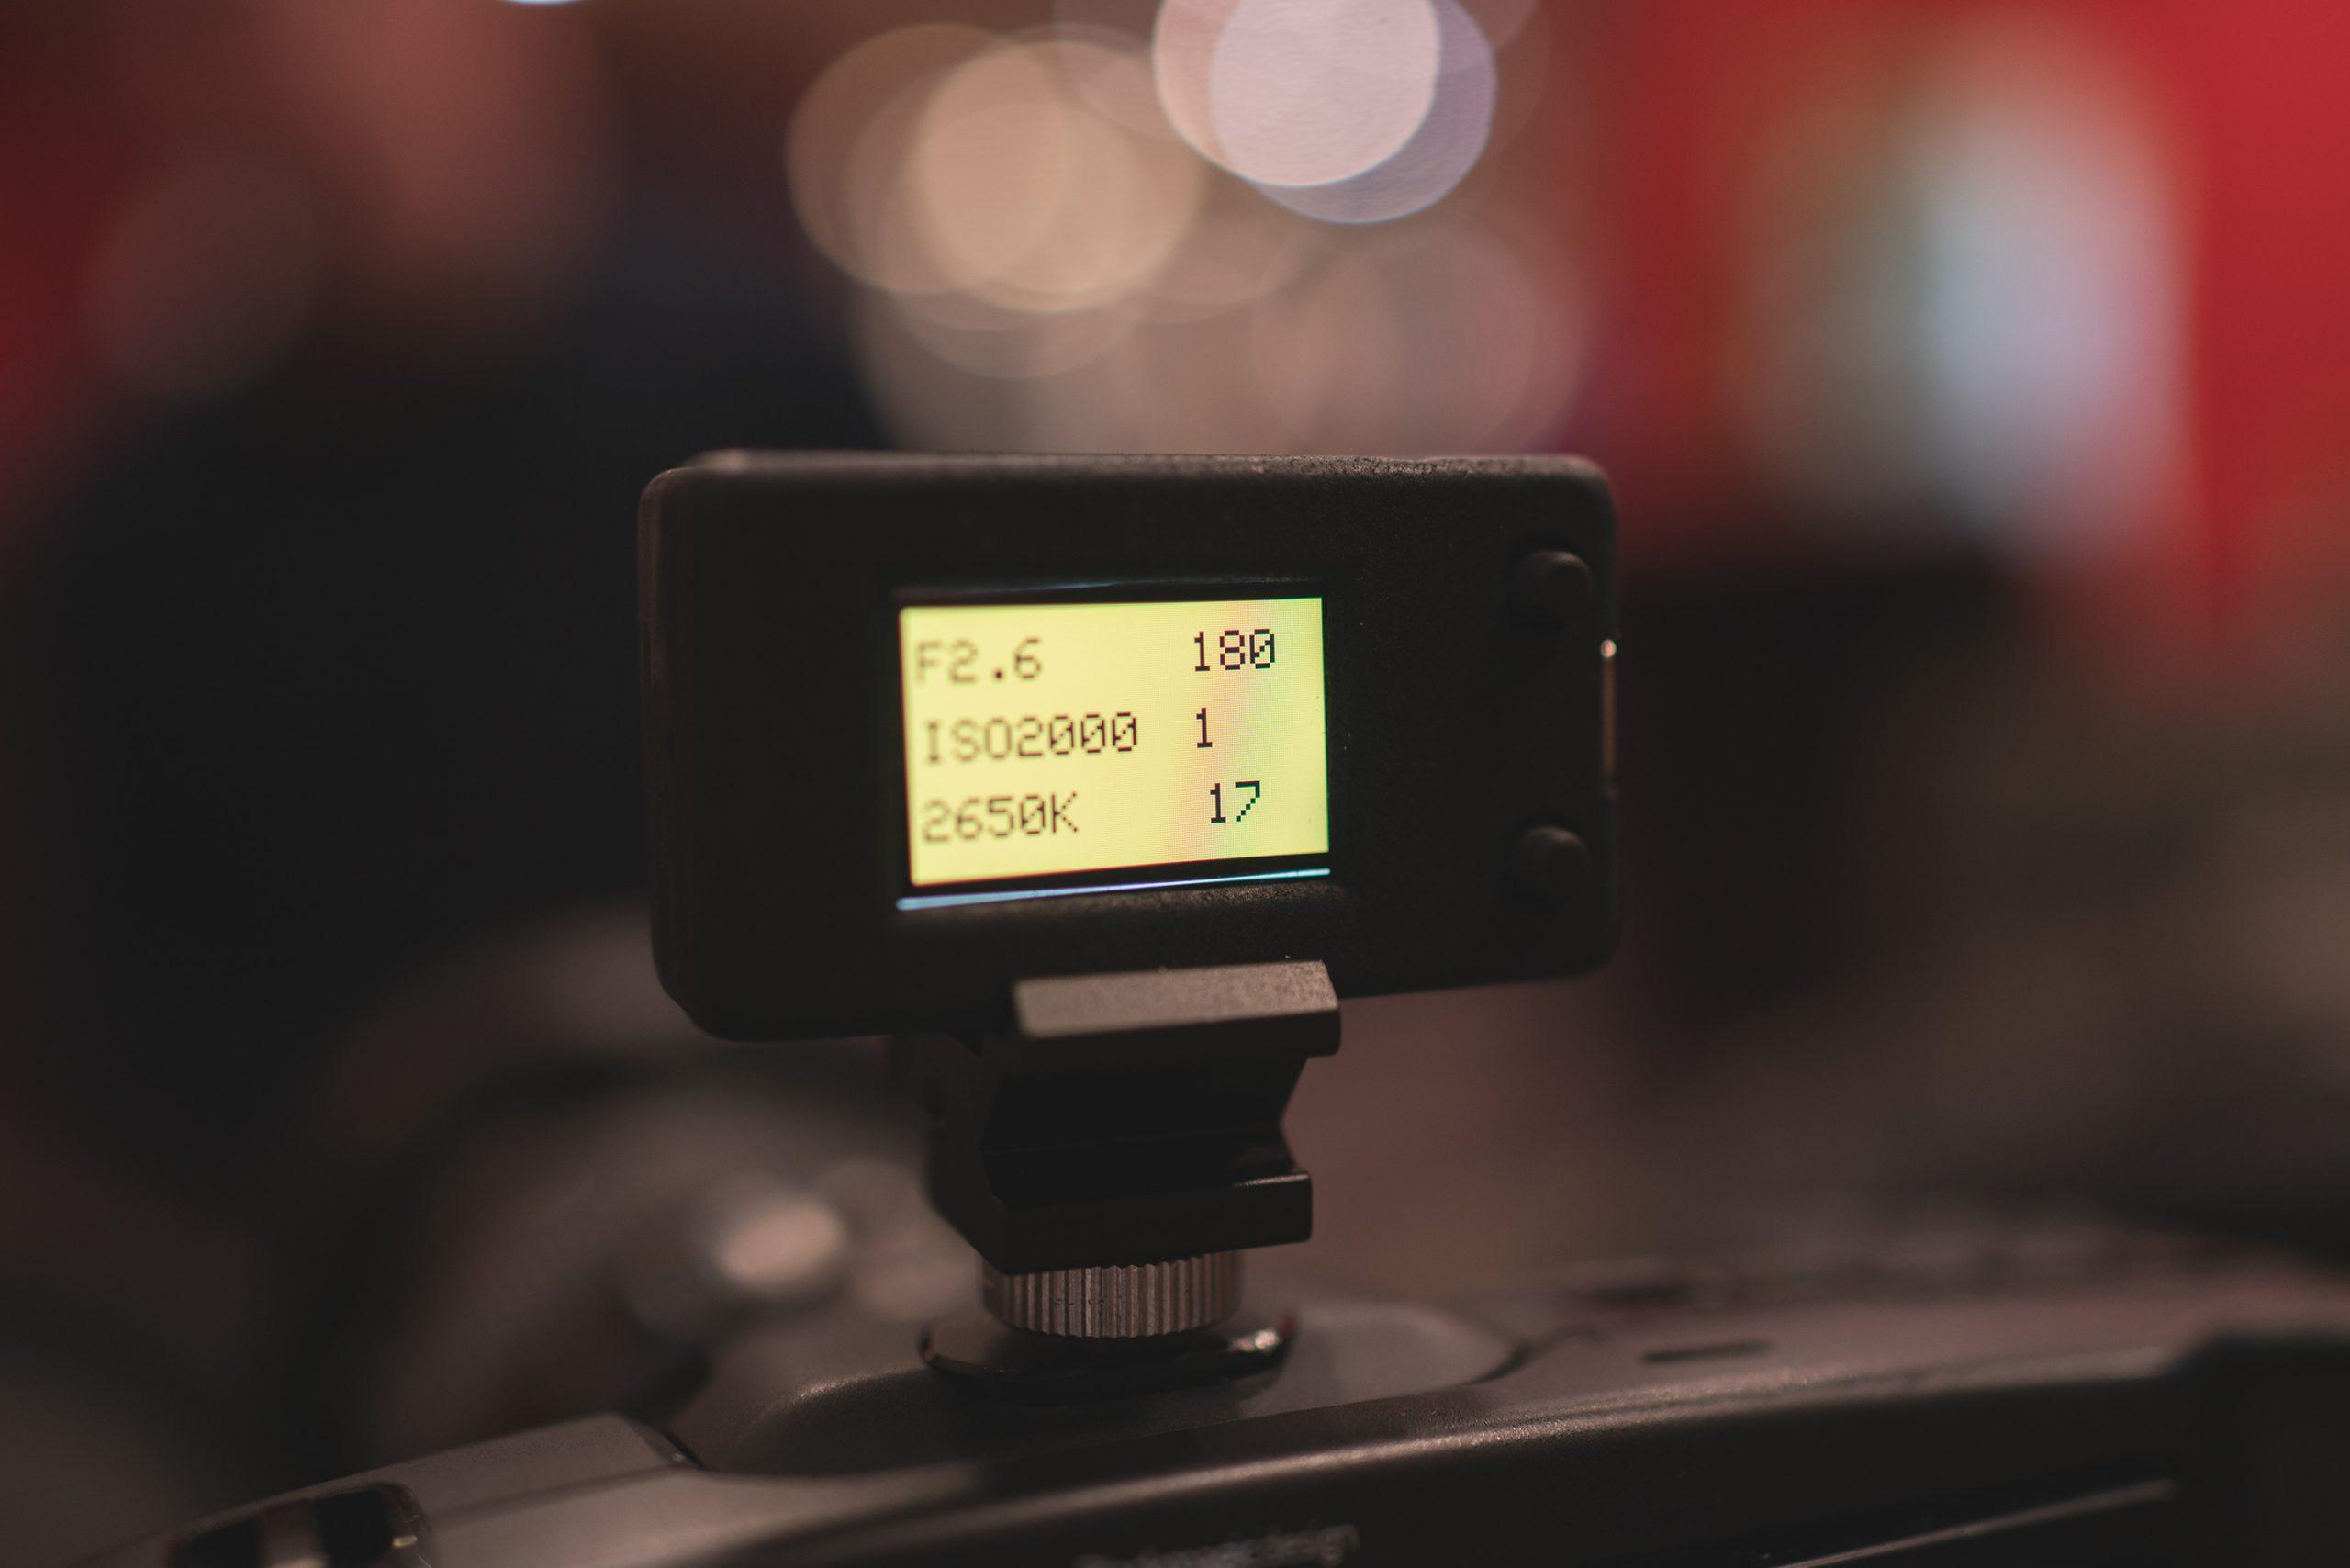 CDA-TEK PBC with Pocket Cinema Camera 4K